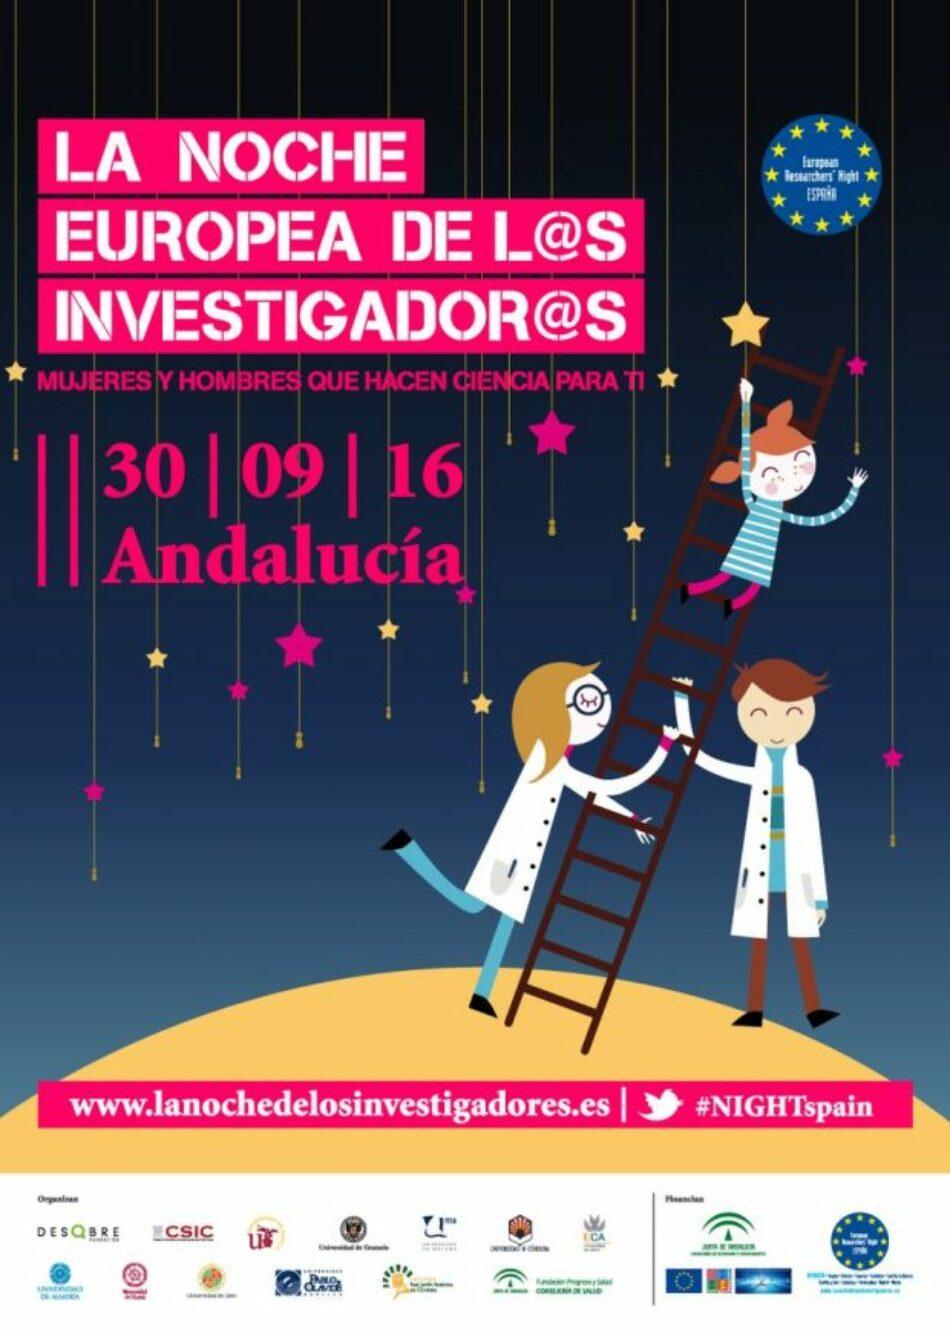 EQUO aprovecha la Noche Europea de los Investigadores para reclamar más inversión en ciencia e investigación